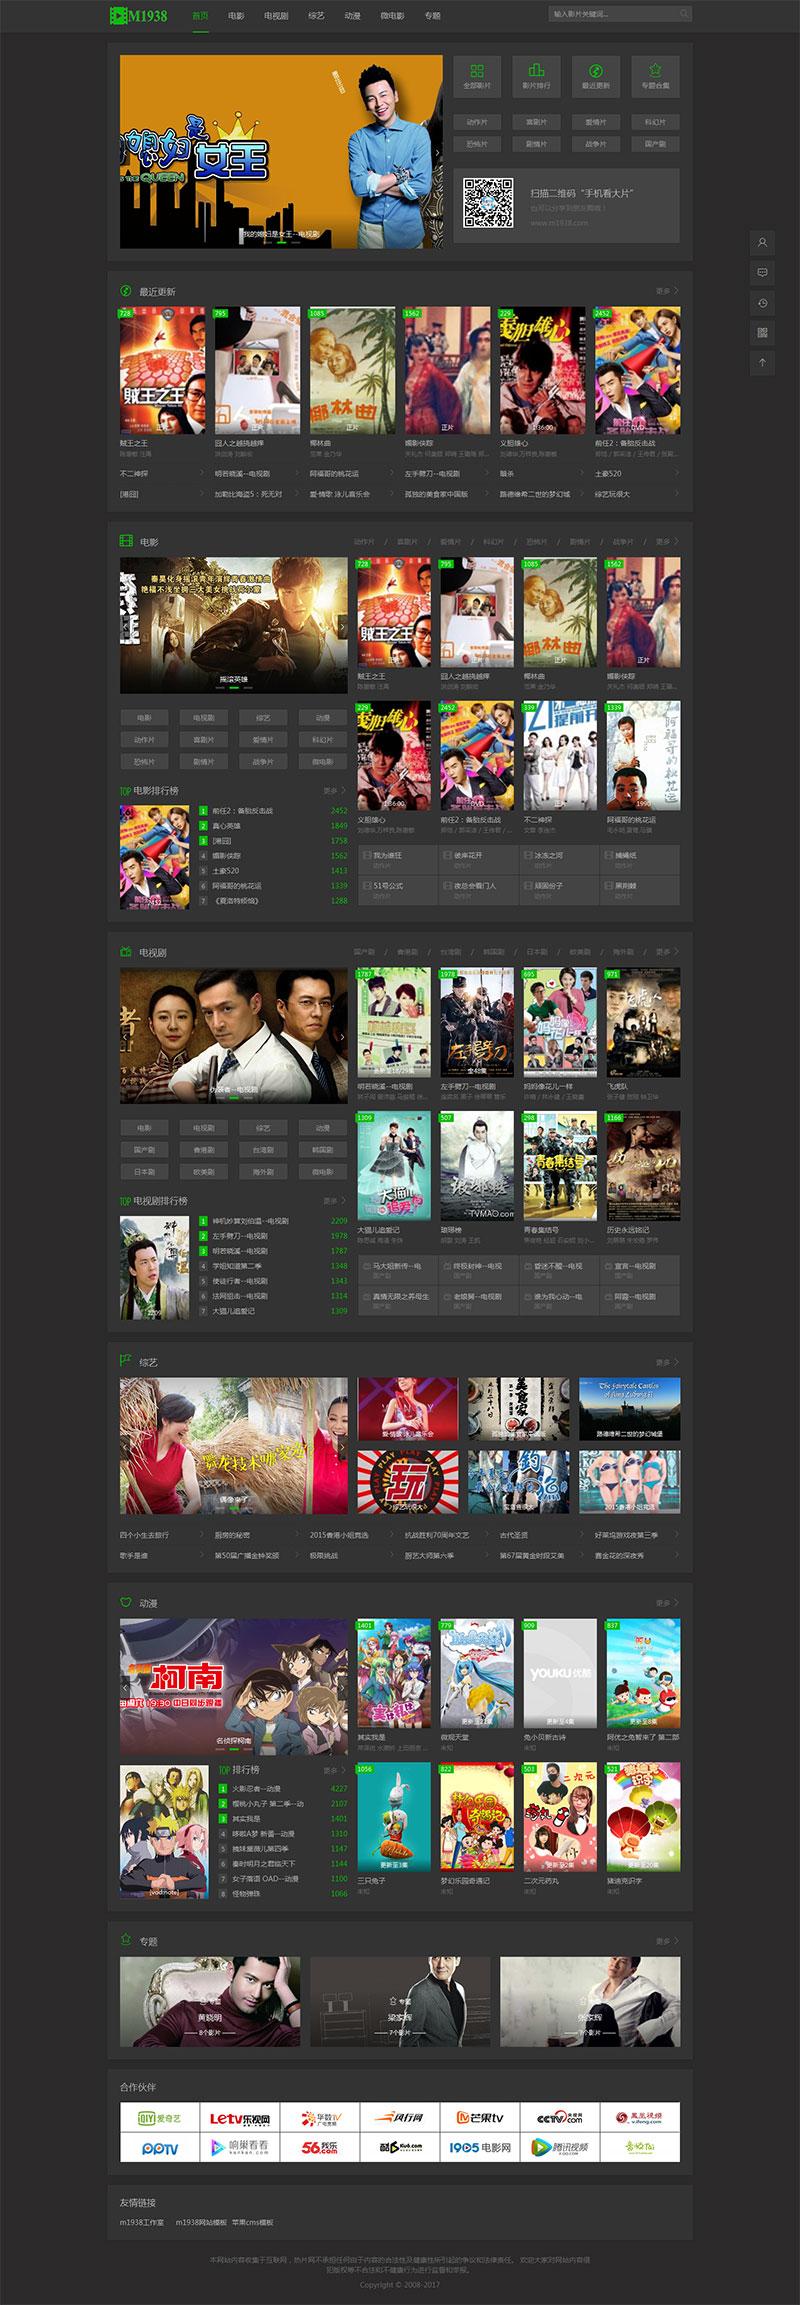 苹果CMS V10 PC+手机自适应模板N616风格电影影视影音娱乐源码下载